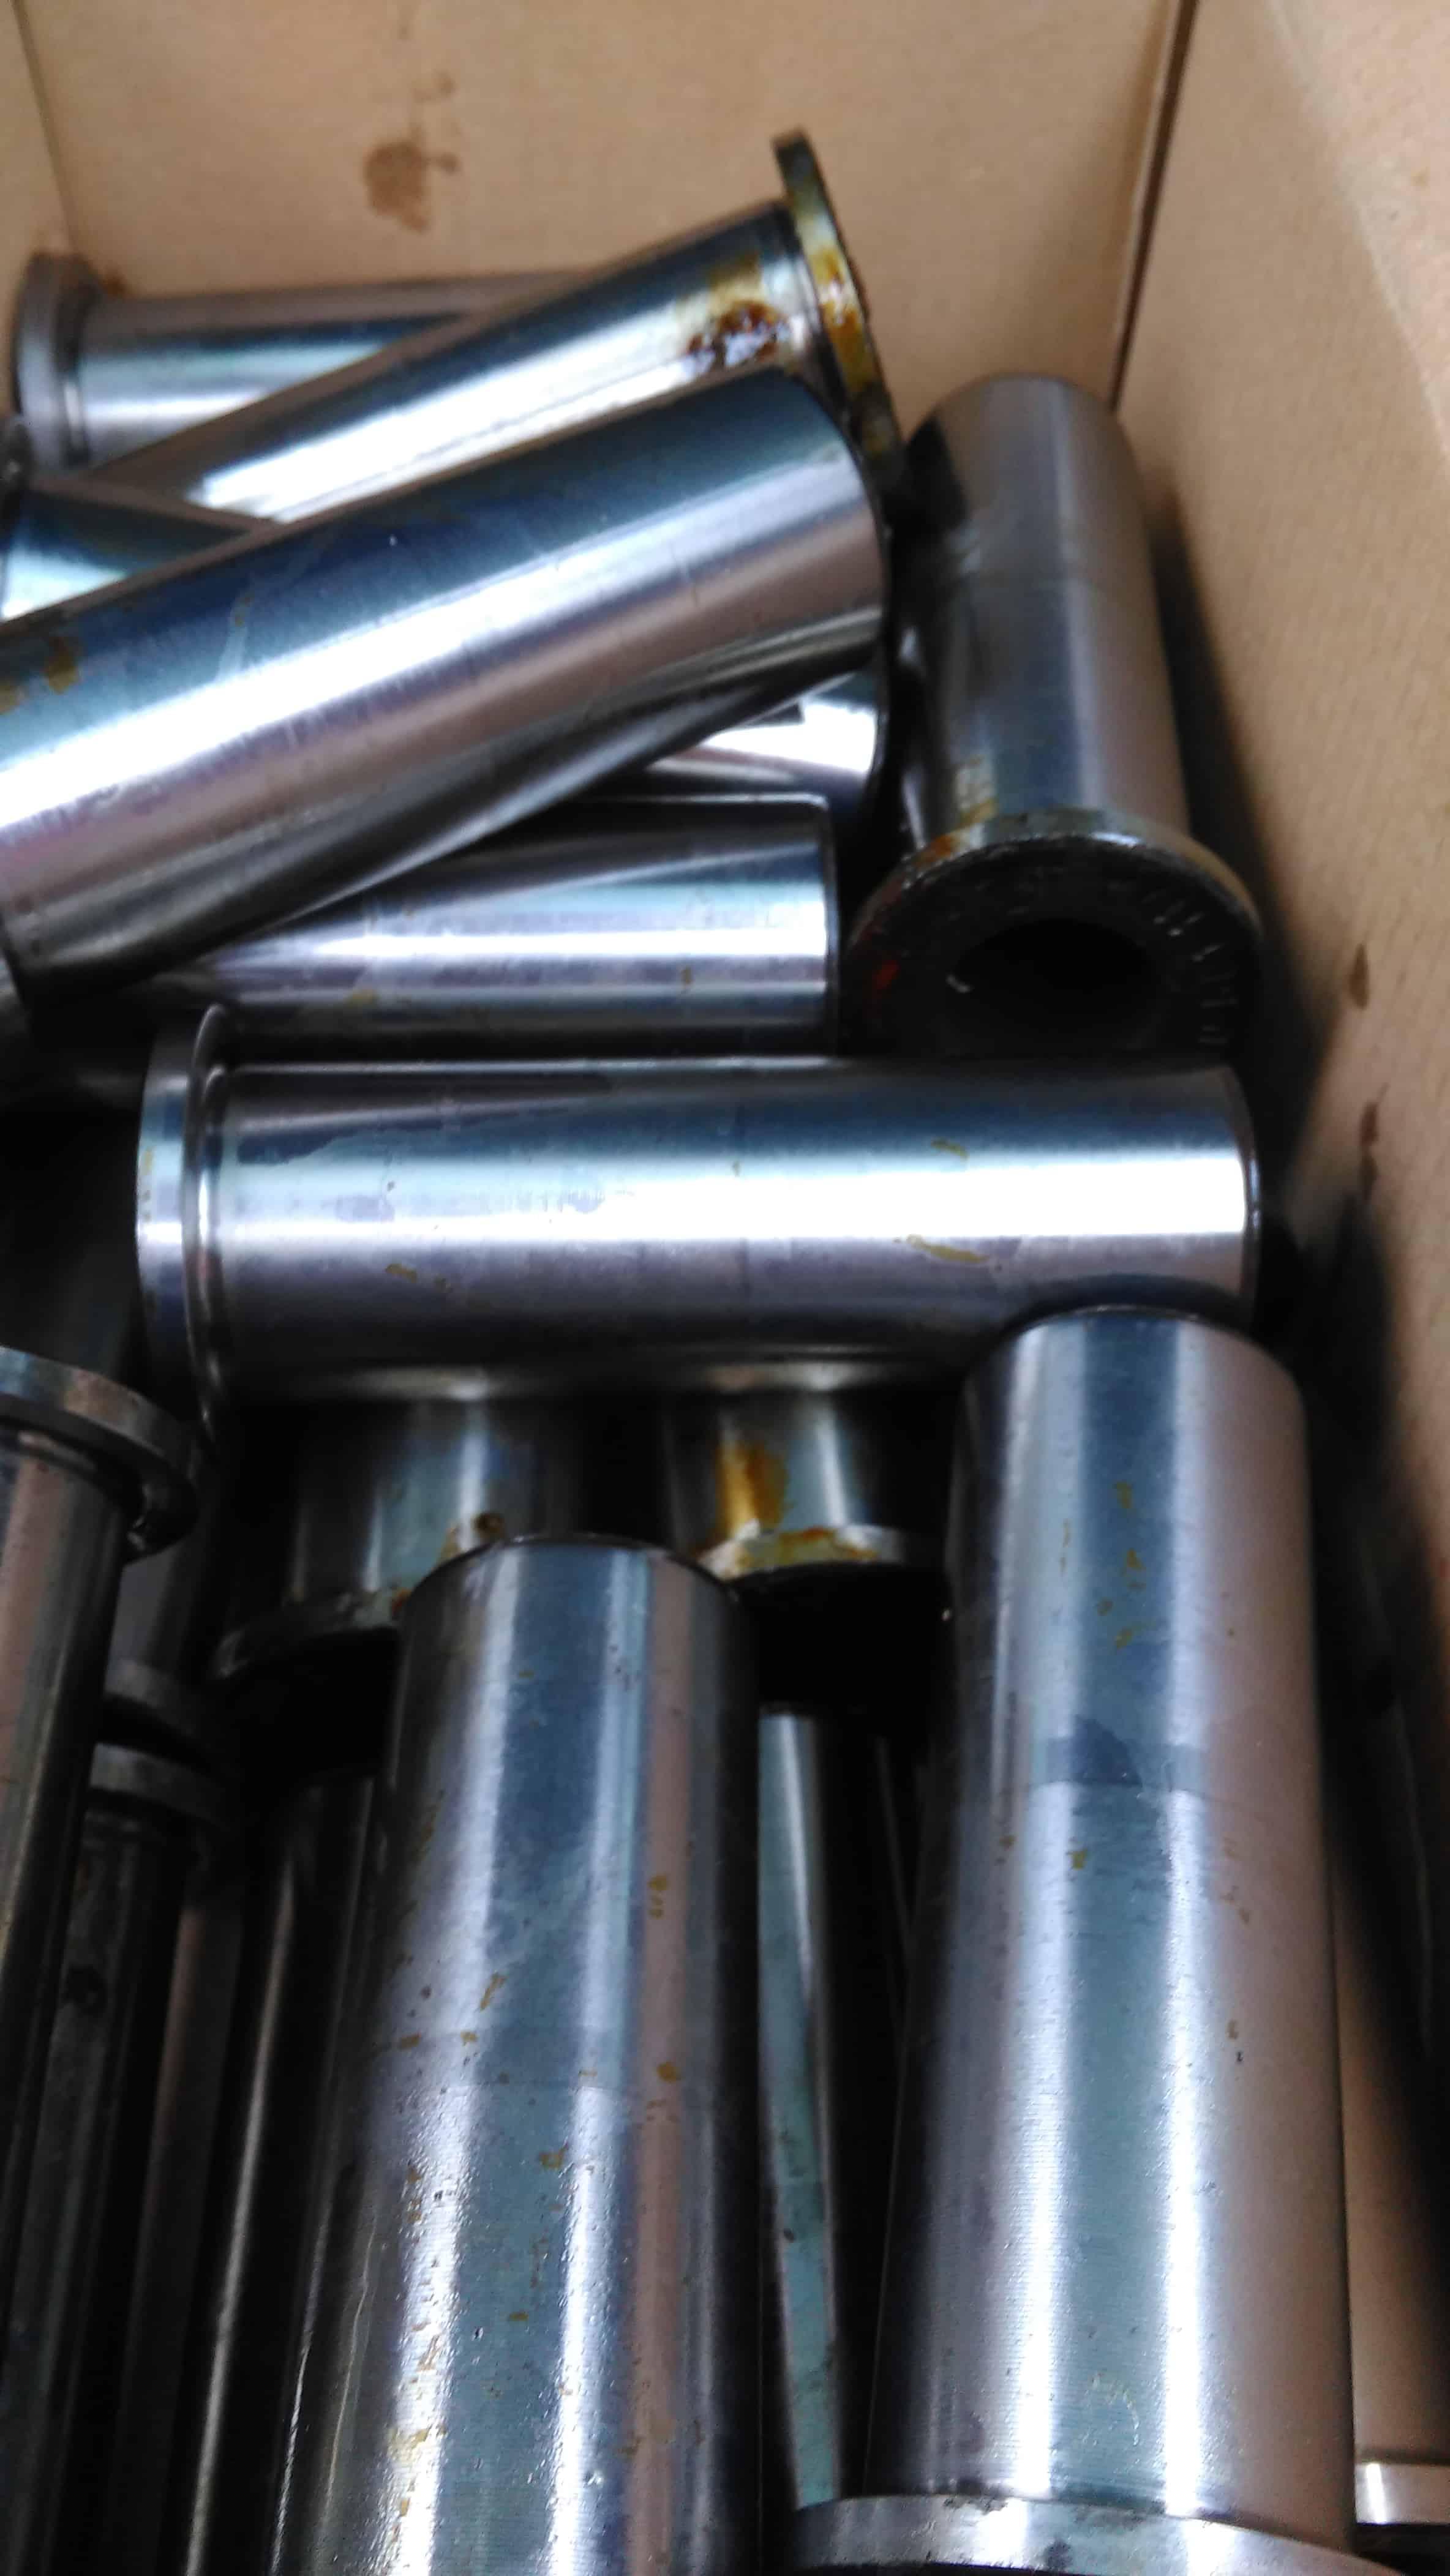 Spritzreinigung - Dienstleister für ultraschallreinigen und spritzreinigen-K&B Industrieservice GmbH & Co.KG